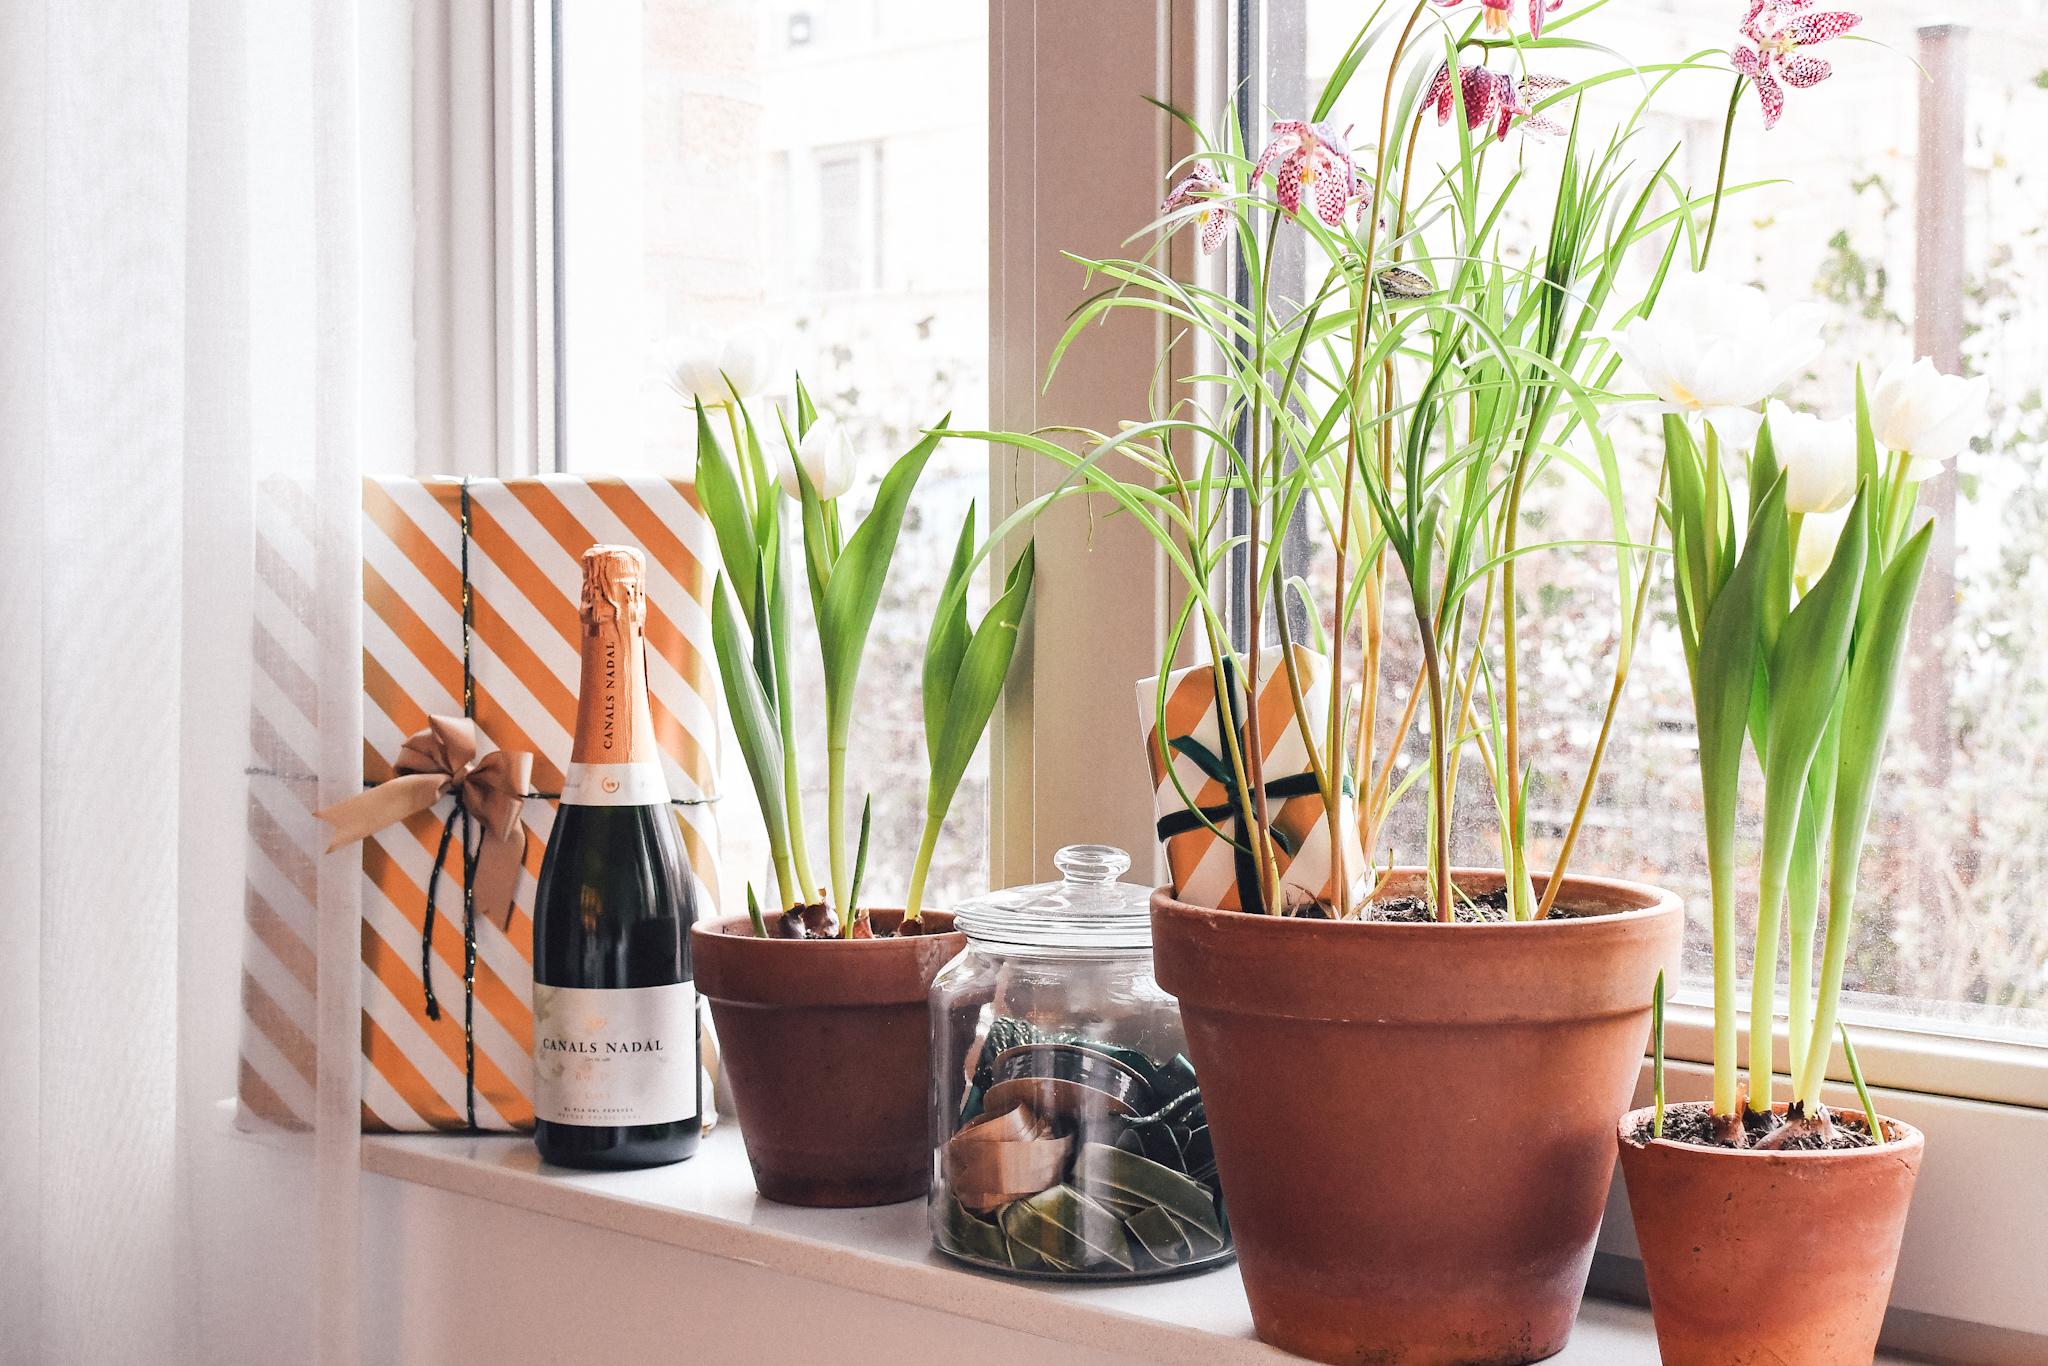 Verjaardag puzzeltocht speurtocht met cadeautjes